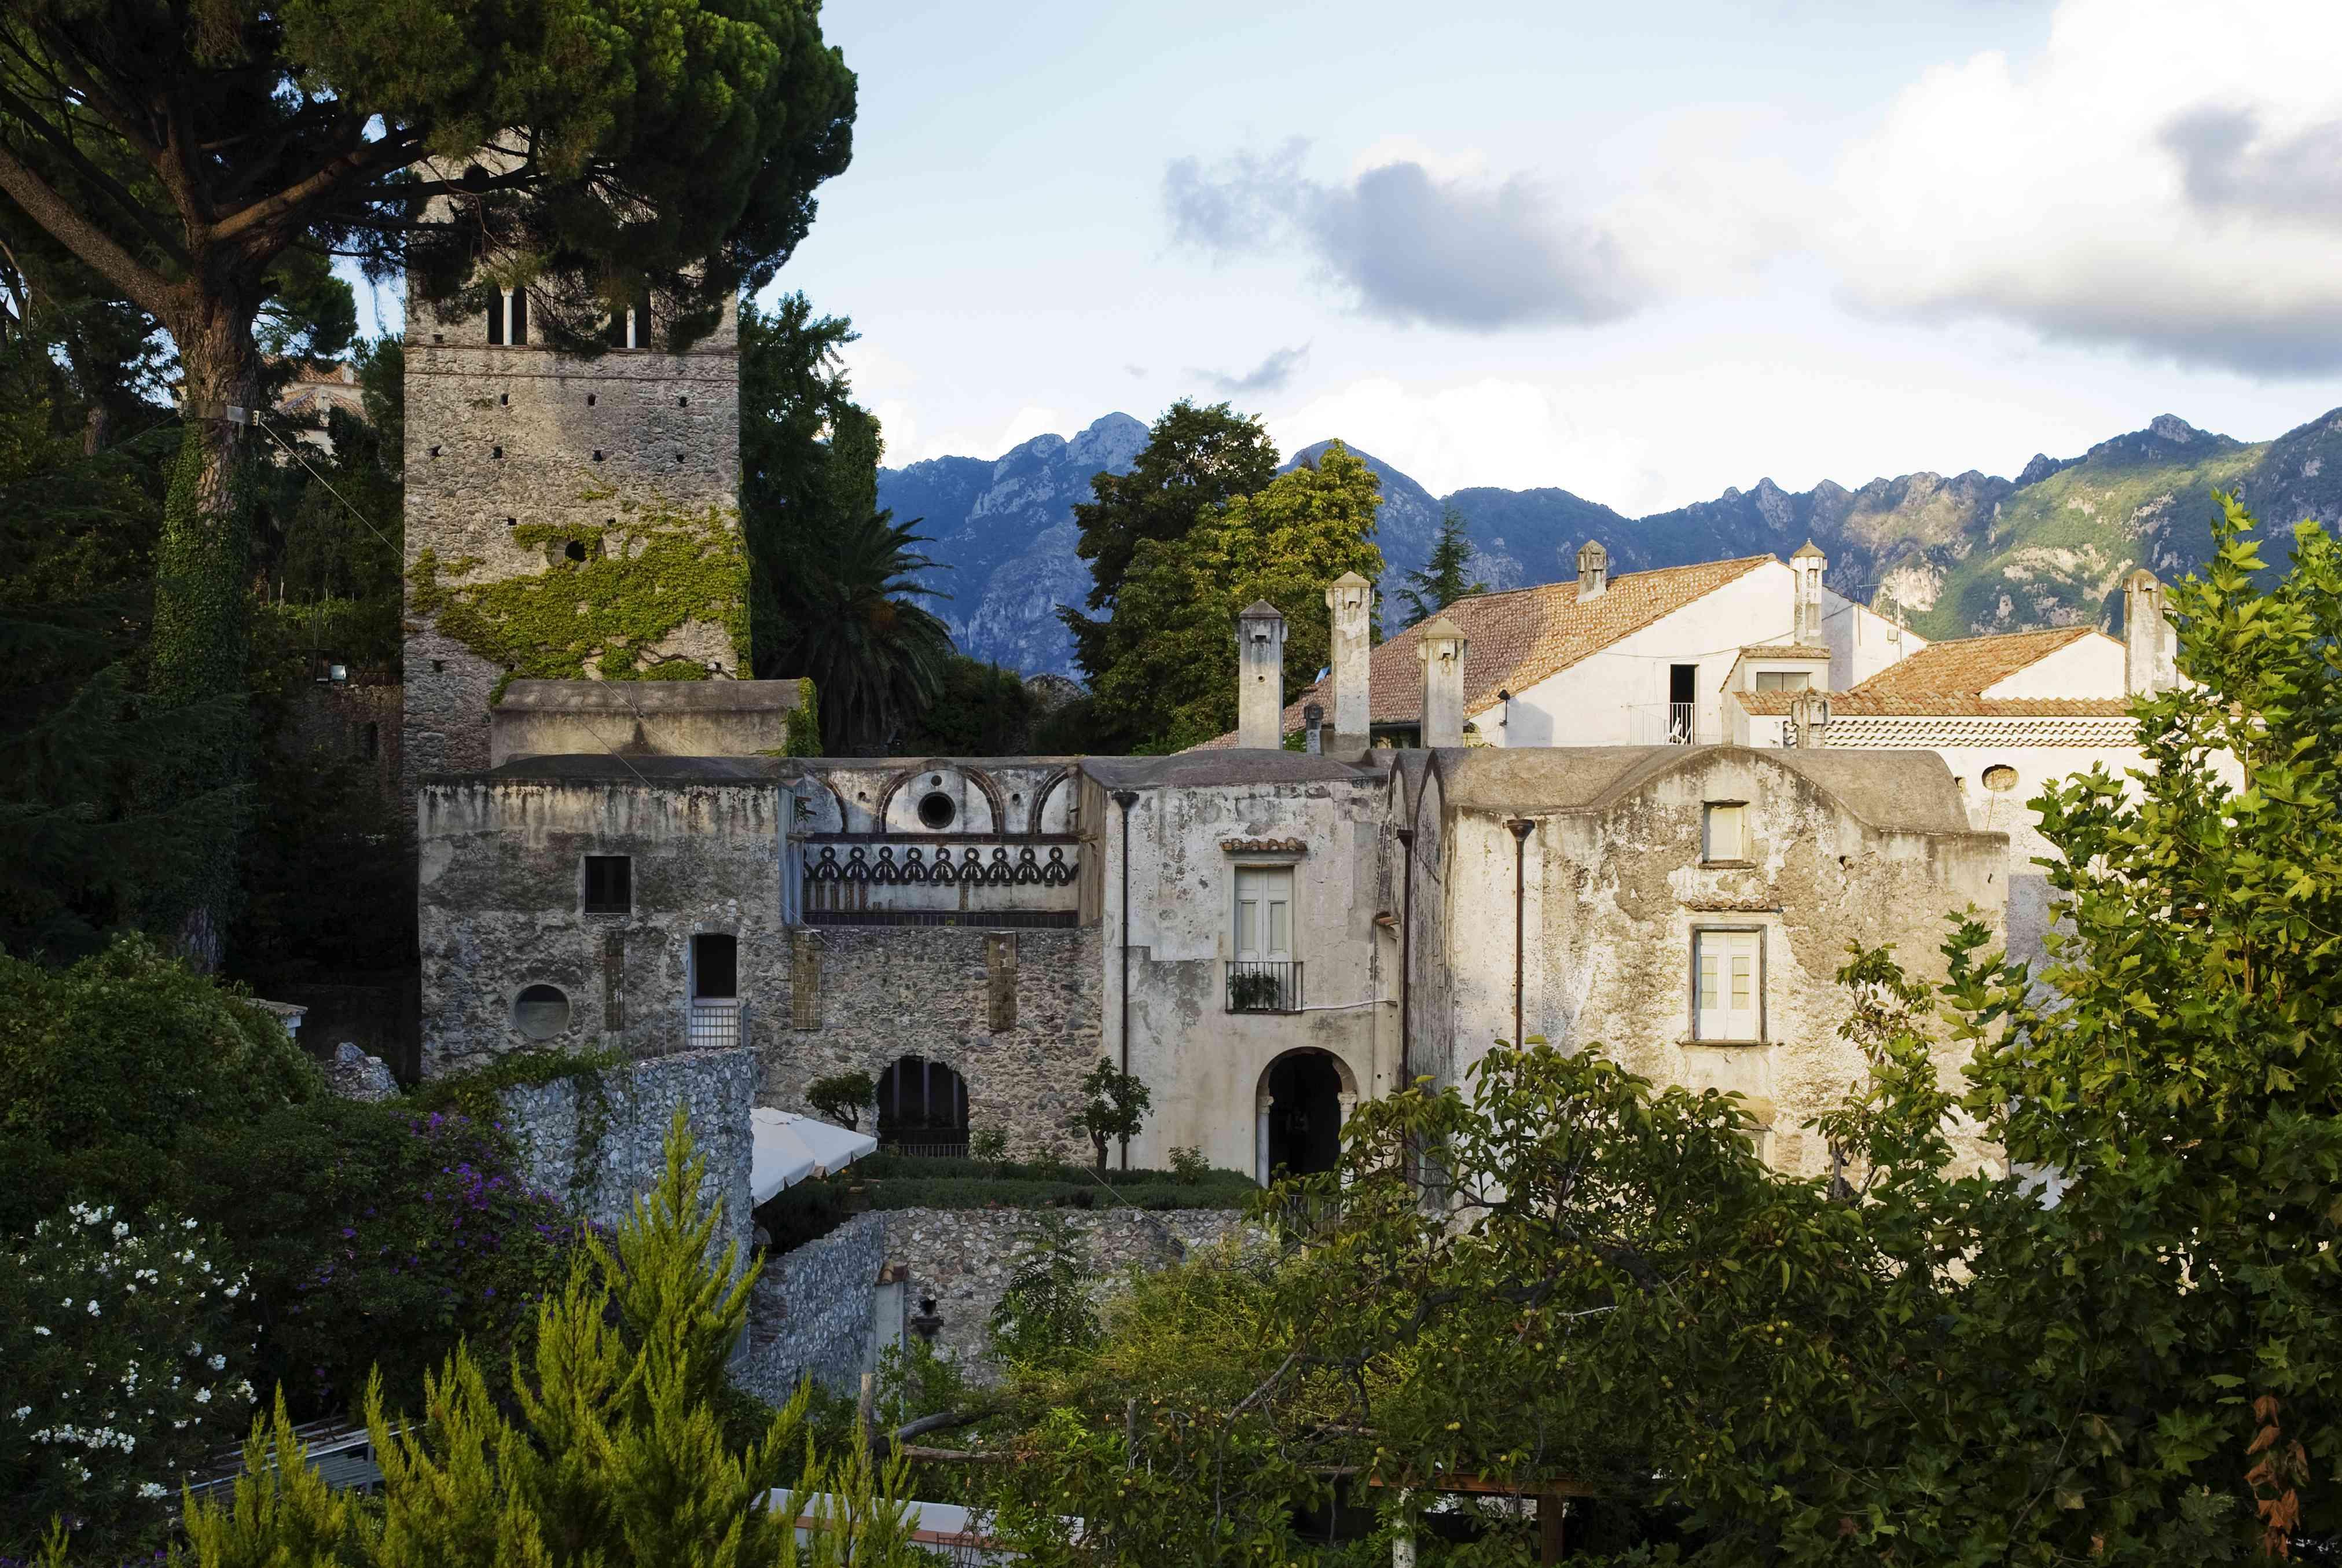 The 13th century Villa Rufolo in Ravello, Amalfi Coast